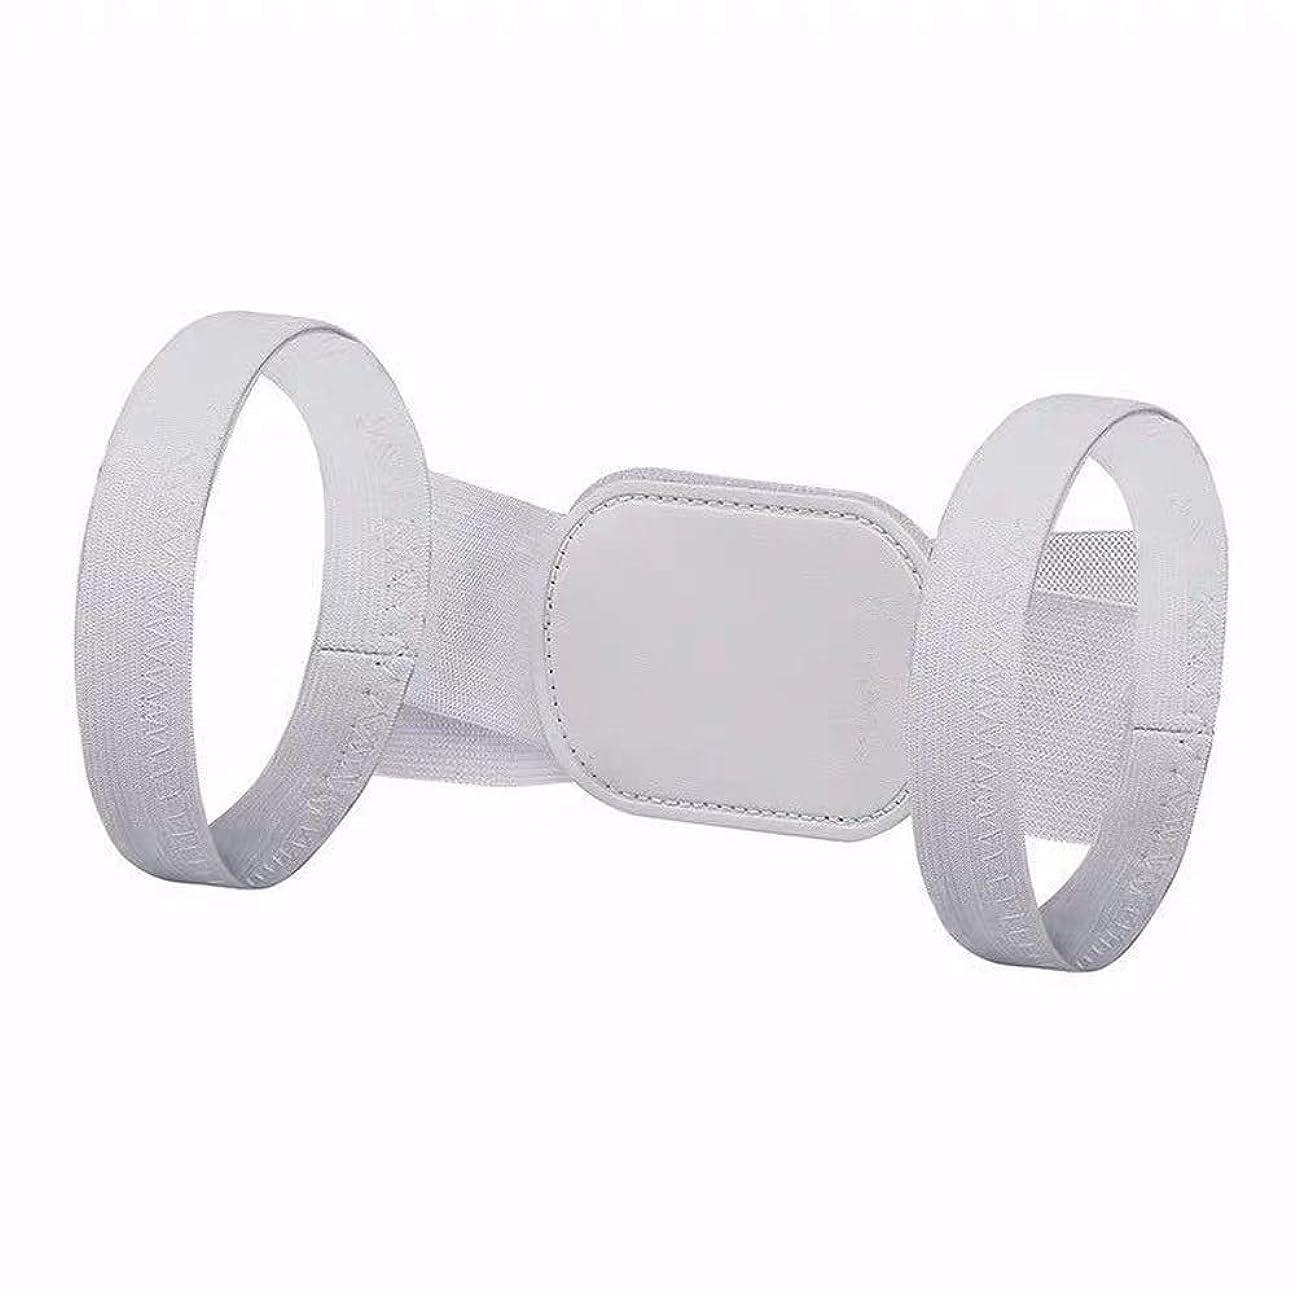 びん特殊アレルギー性MILUCE 主に悪い姿勢を改善するために使用POSTURE CORRECTOR FOR男性と女性-Adjustable戻るストレイテナー (Color : White)